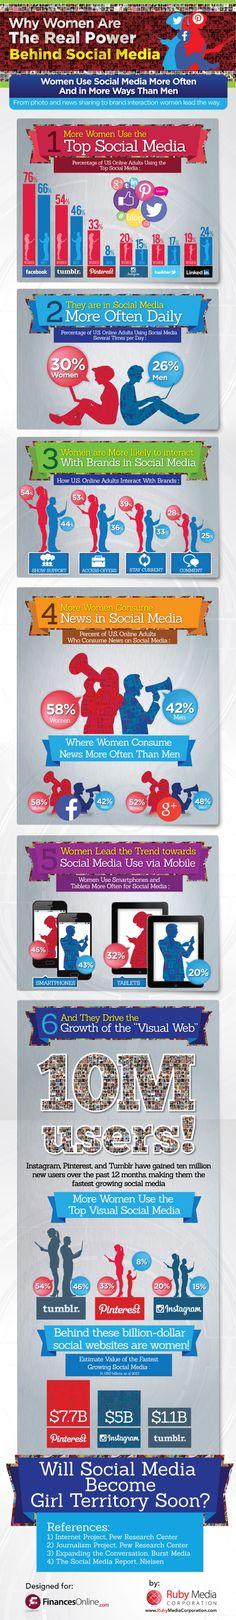 Las mujeres tienen el poder en Redes Sociales #infografia #infographic #socialmedia